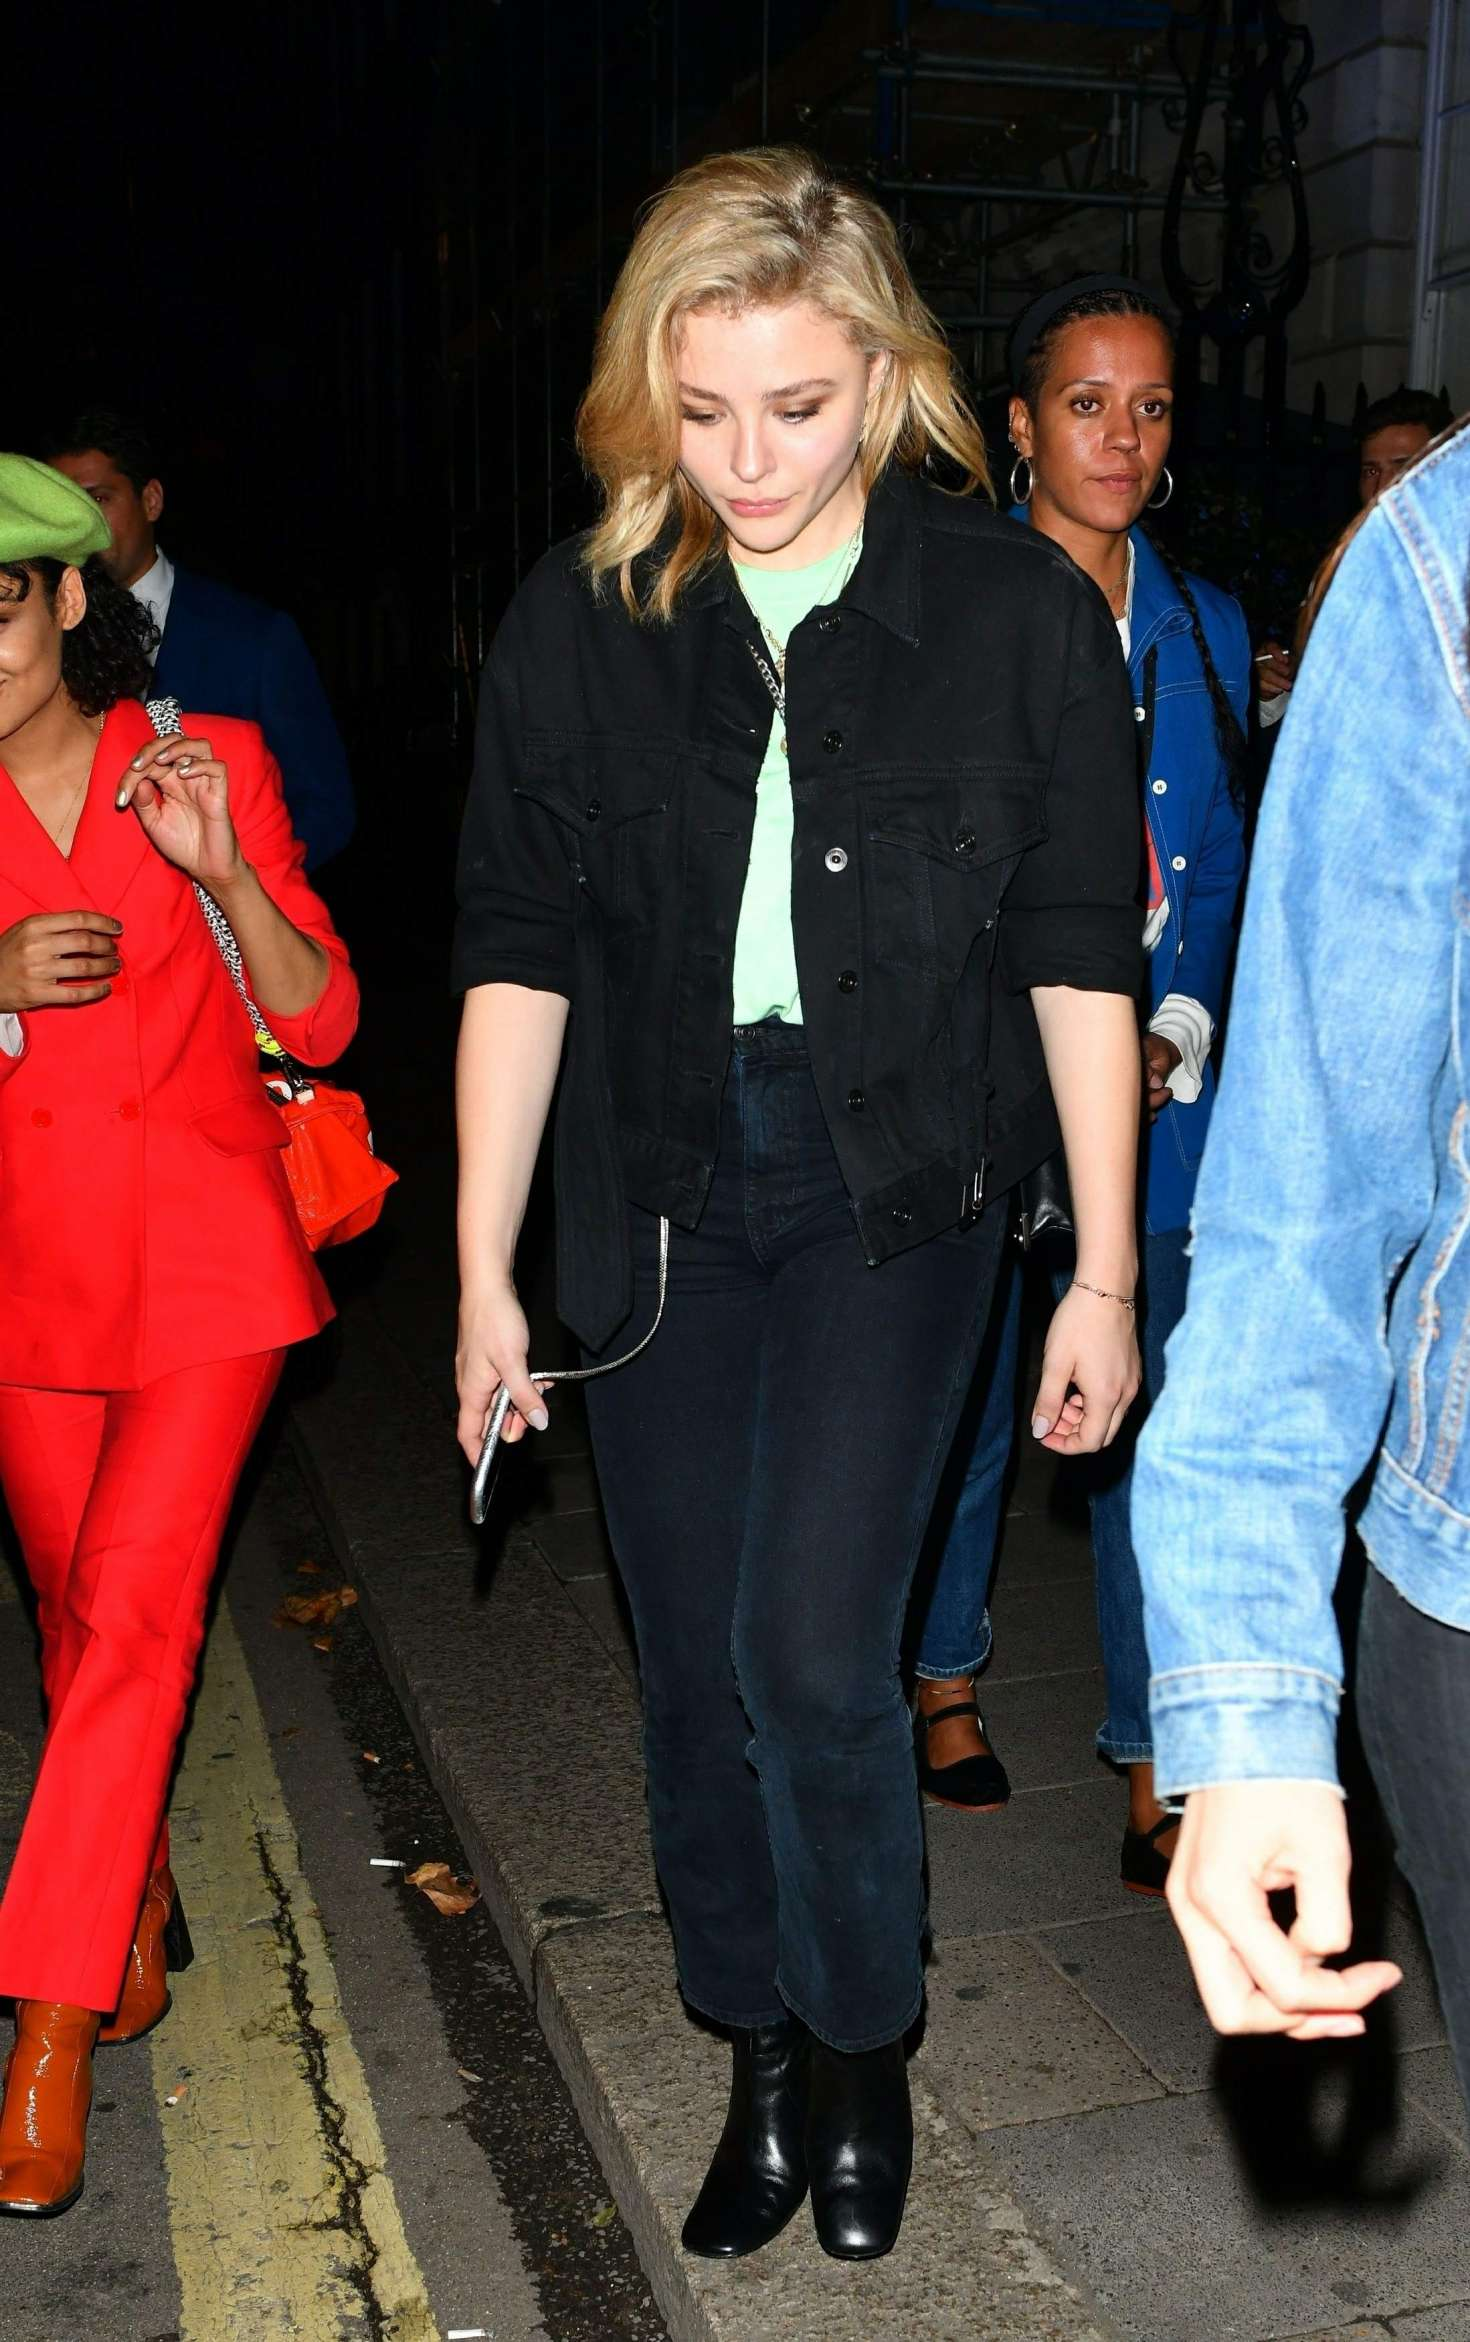 Chloe Moretz - Leaving Annabel's in London